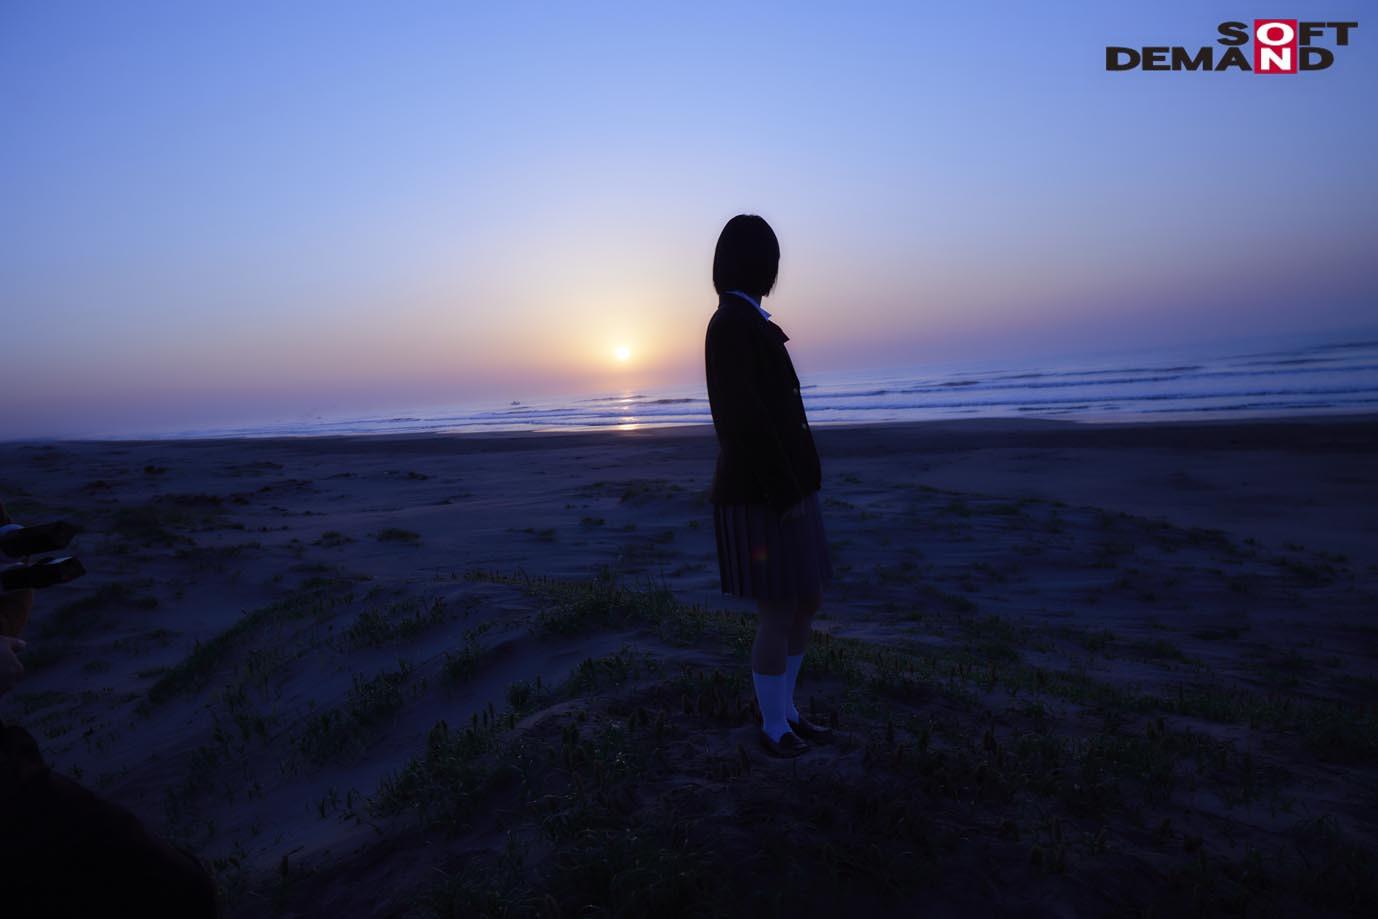 未成熟なカラダ、あやうい美少女 18歳 SOD専属AVデビュー 桃乃りん 画像8